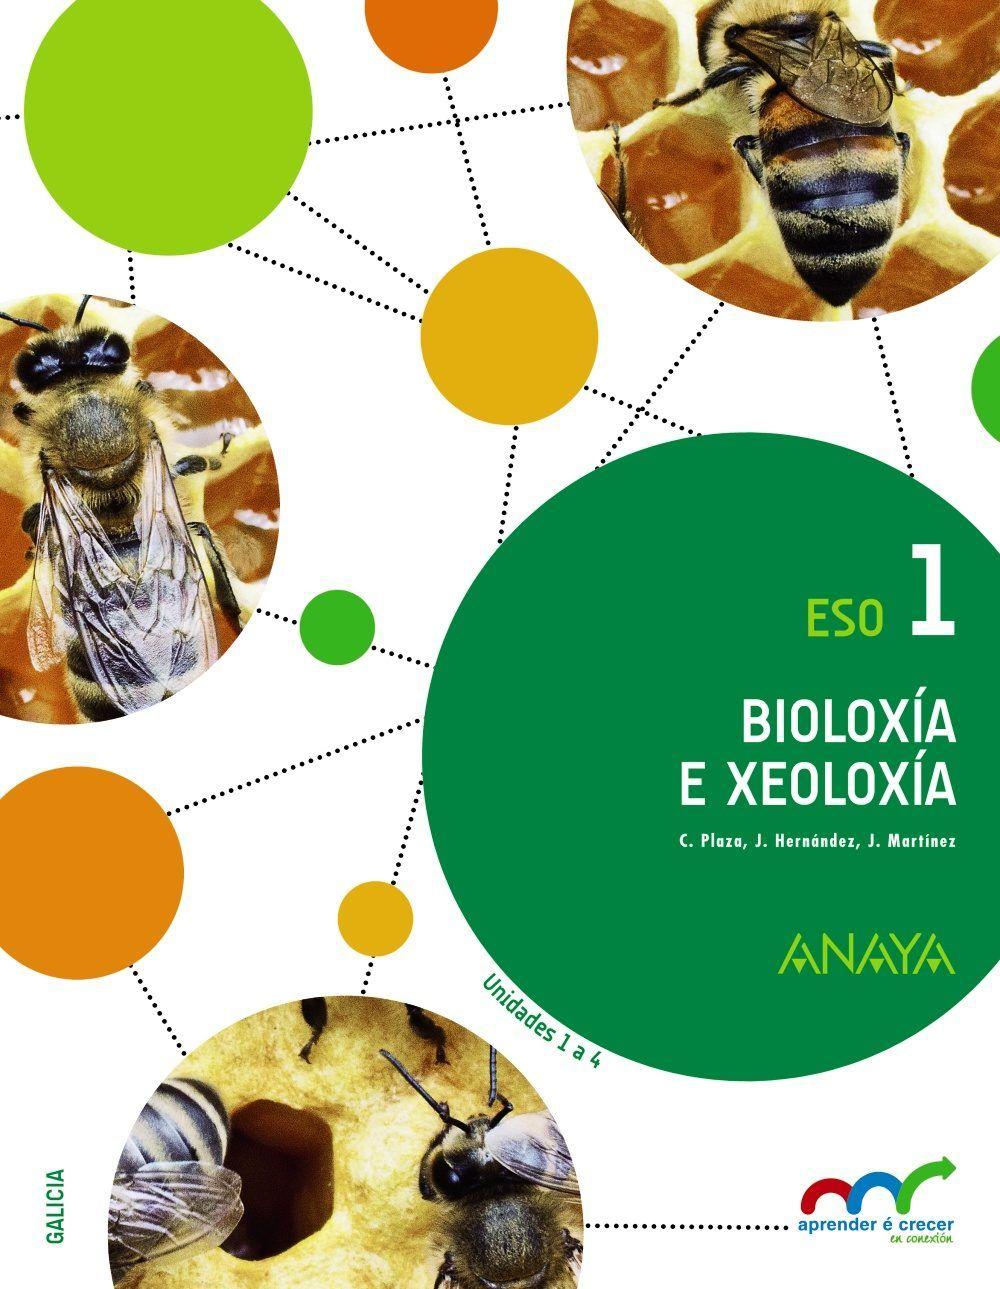 Bioloxía E Xeoloxía Eso 1 C Plaza J Hernández J Martínez Madrid Anaya D L 2015 Geología Biología Libro De Biologia